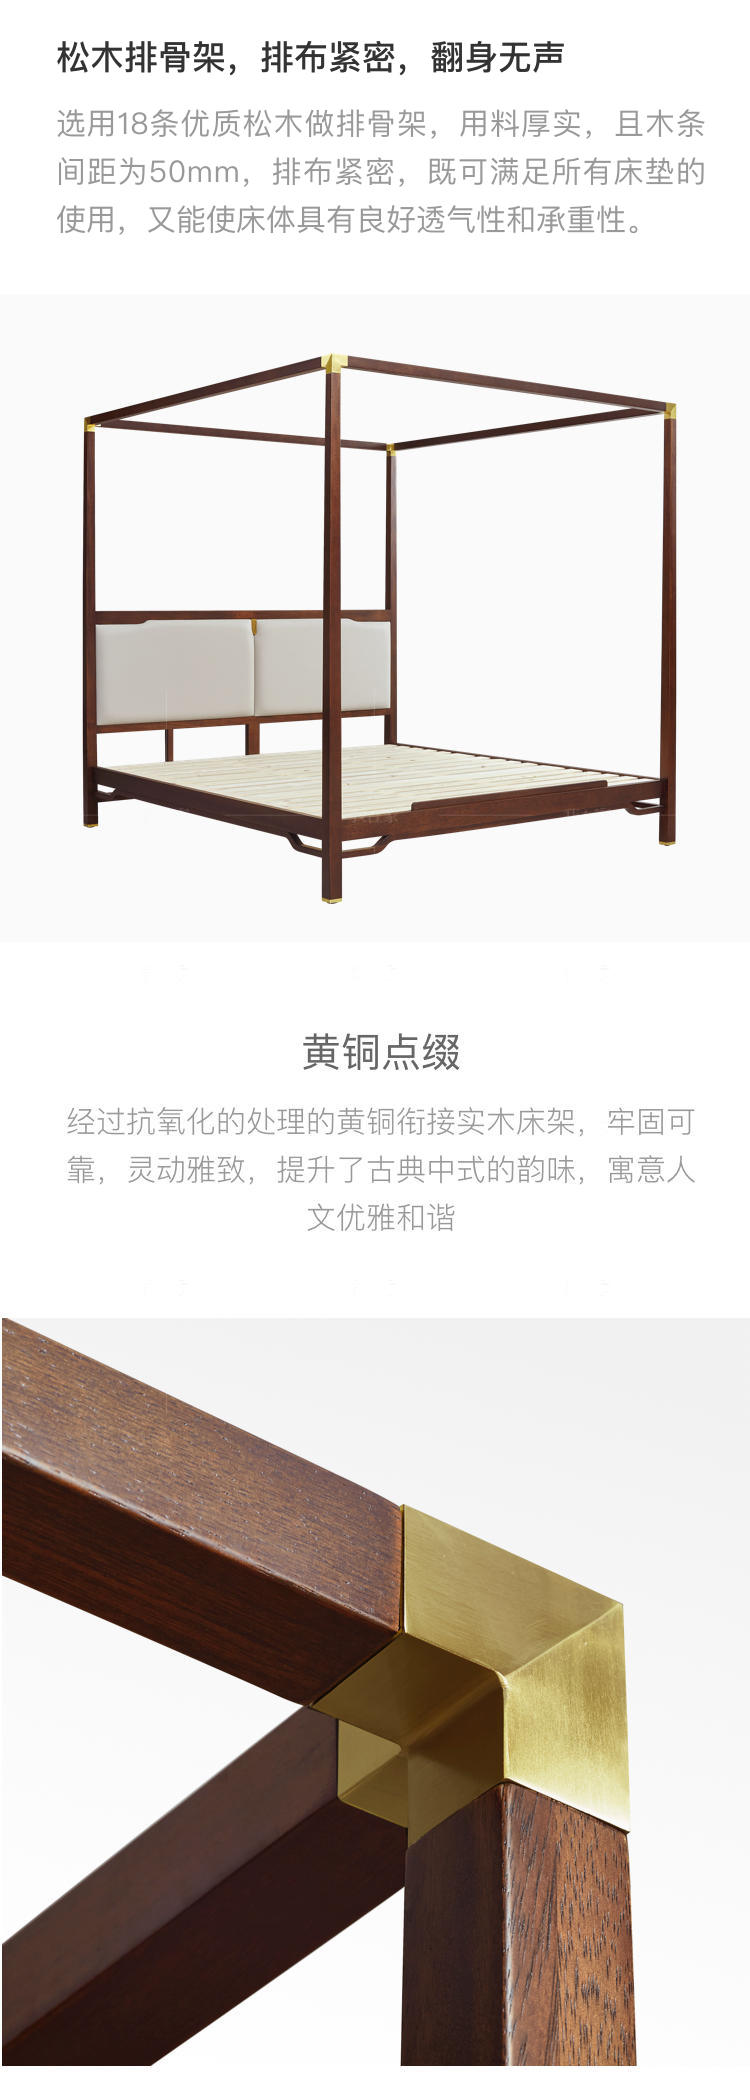 新中式风格微尘双人床的家具详细介绍